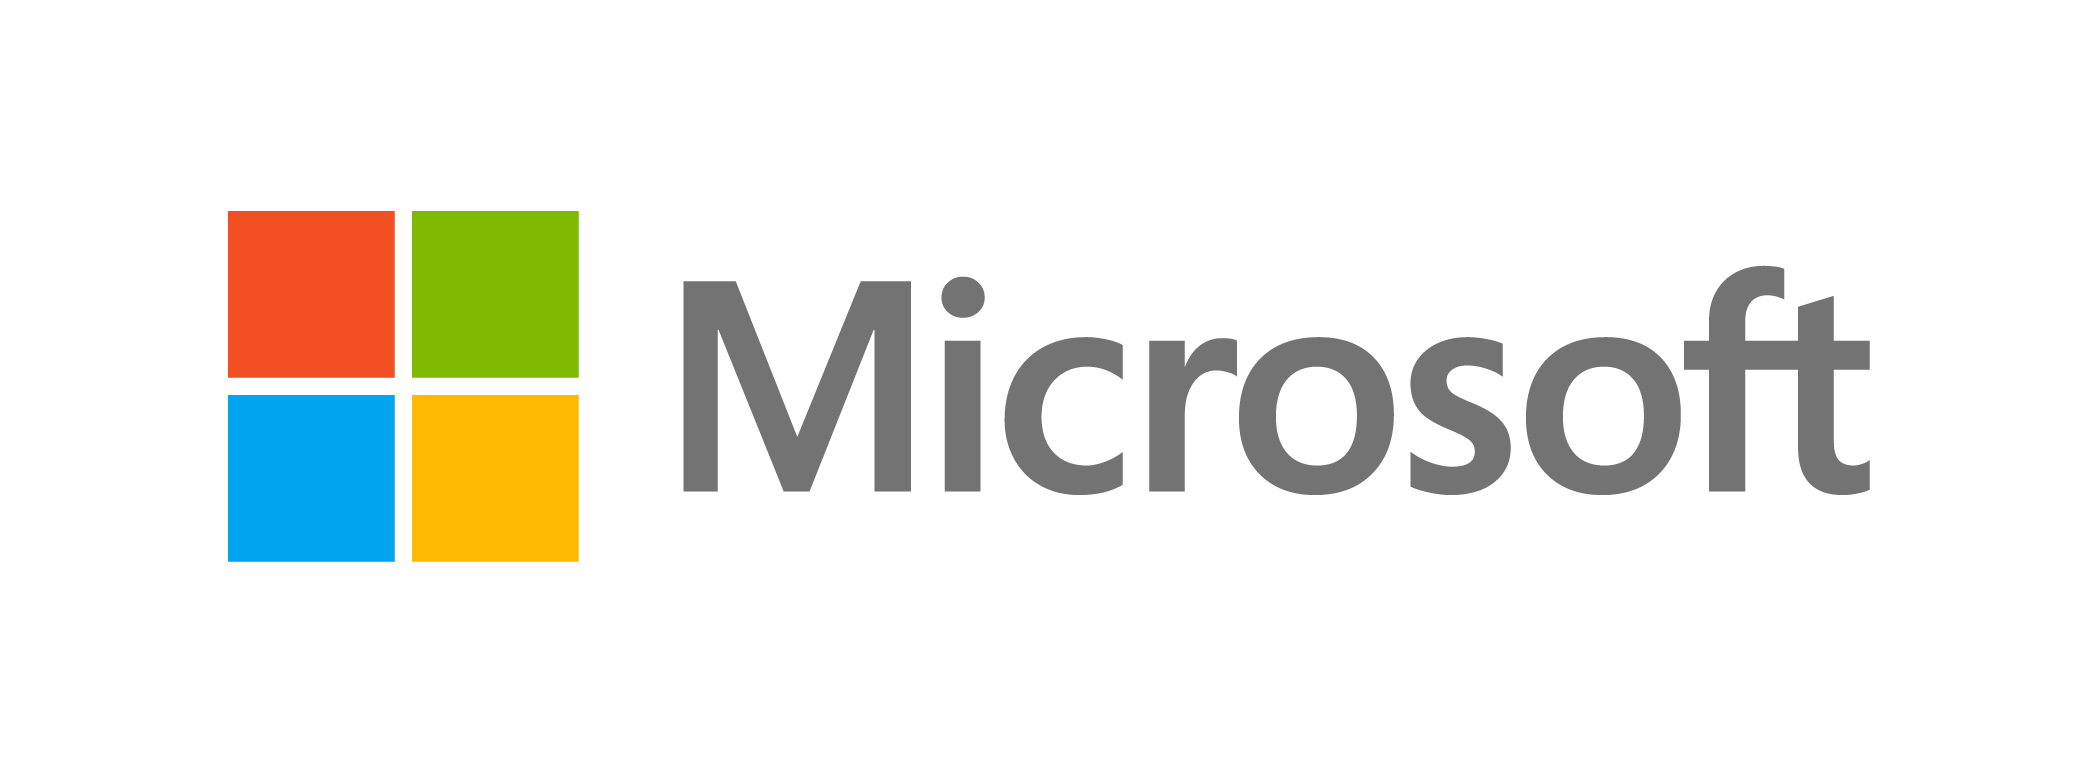 Ralentissement de Microsoft, le groupe réagit